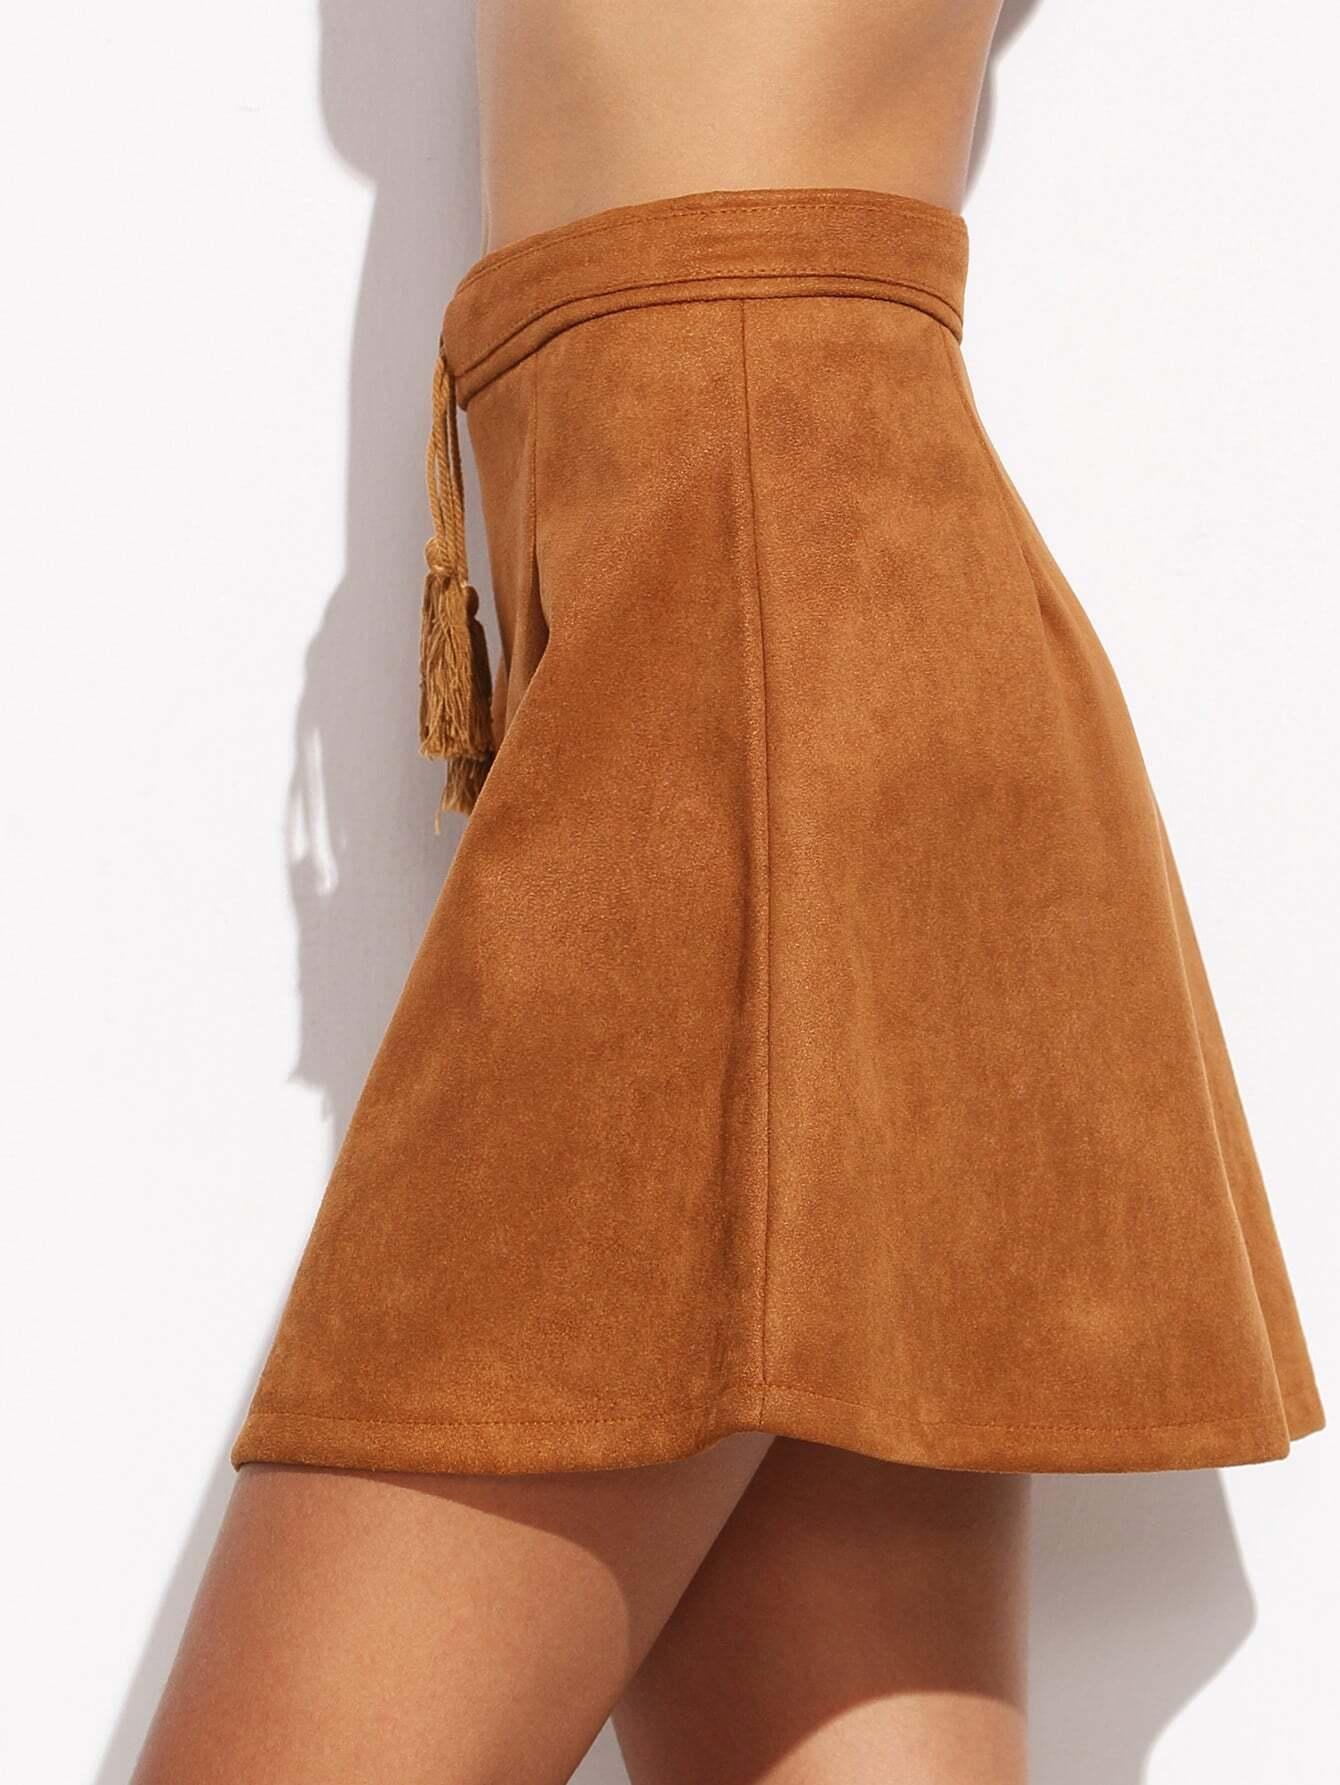 skirt160805001_2